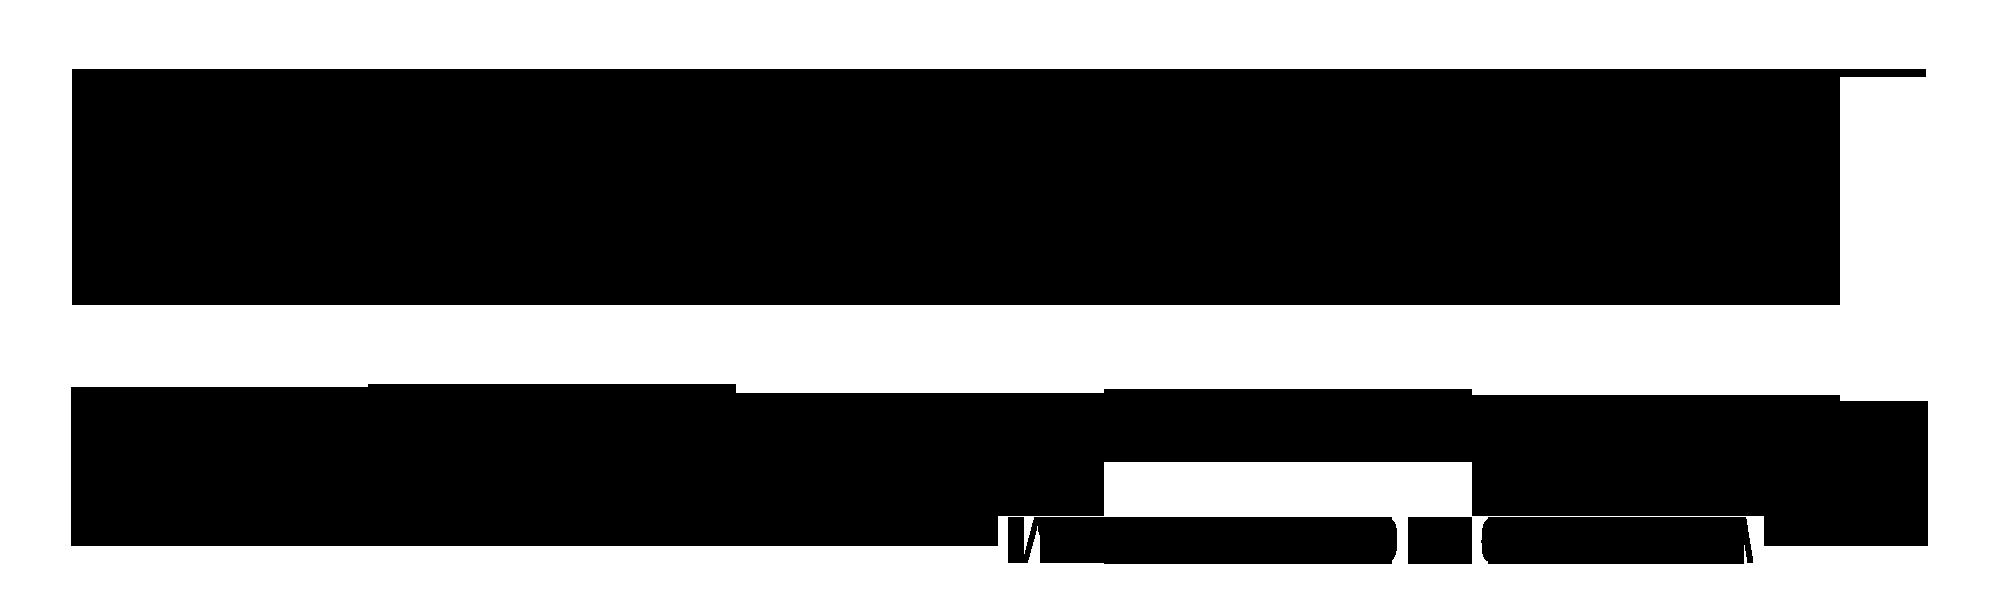 CARpologija- Ribolovačka oprema i pribor